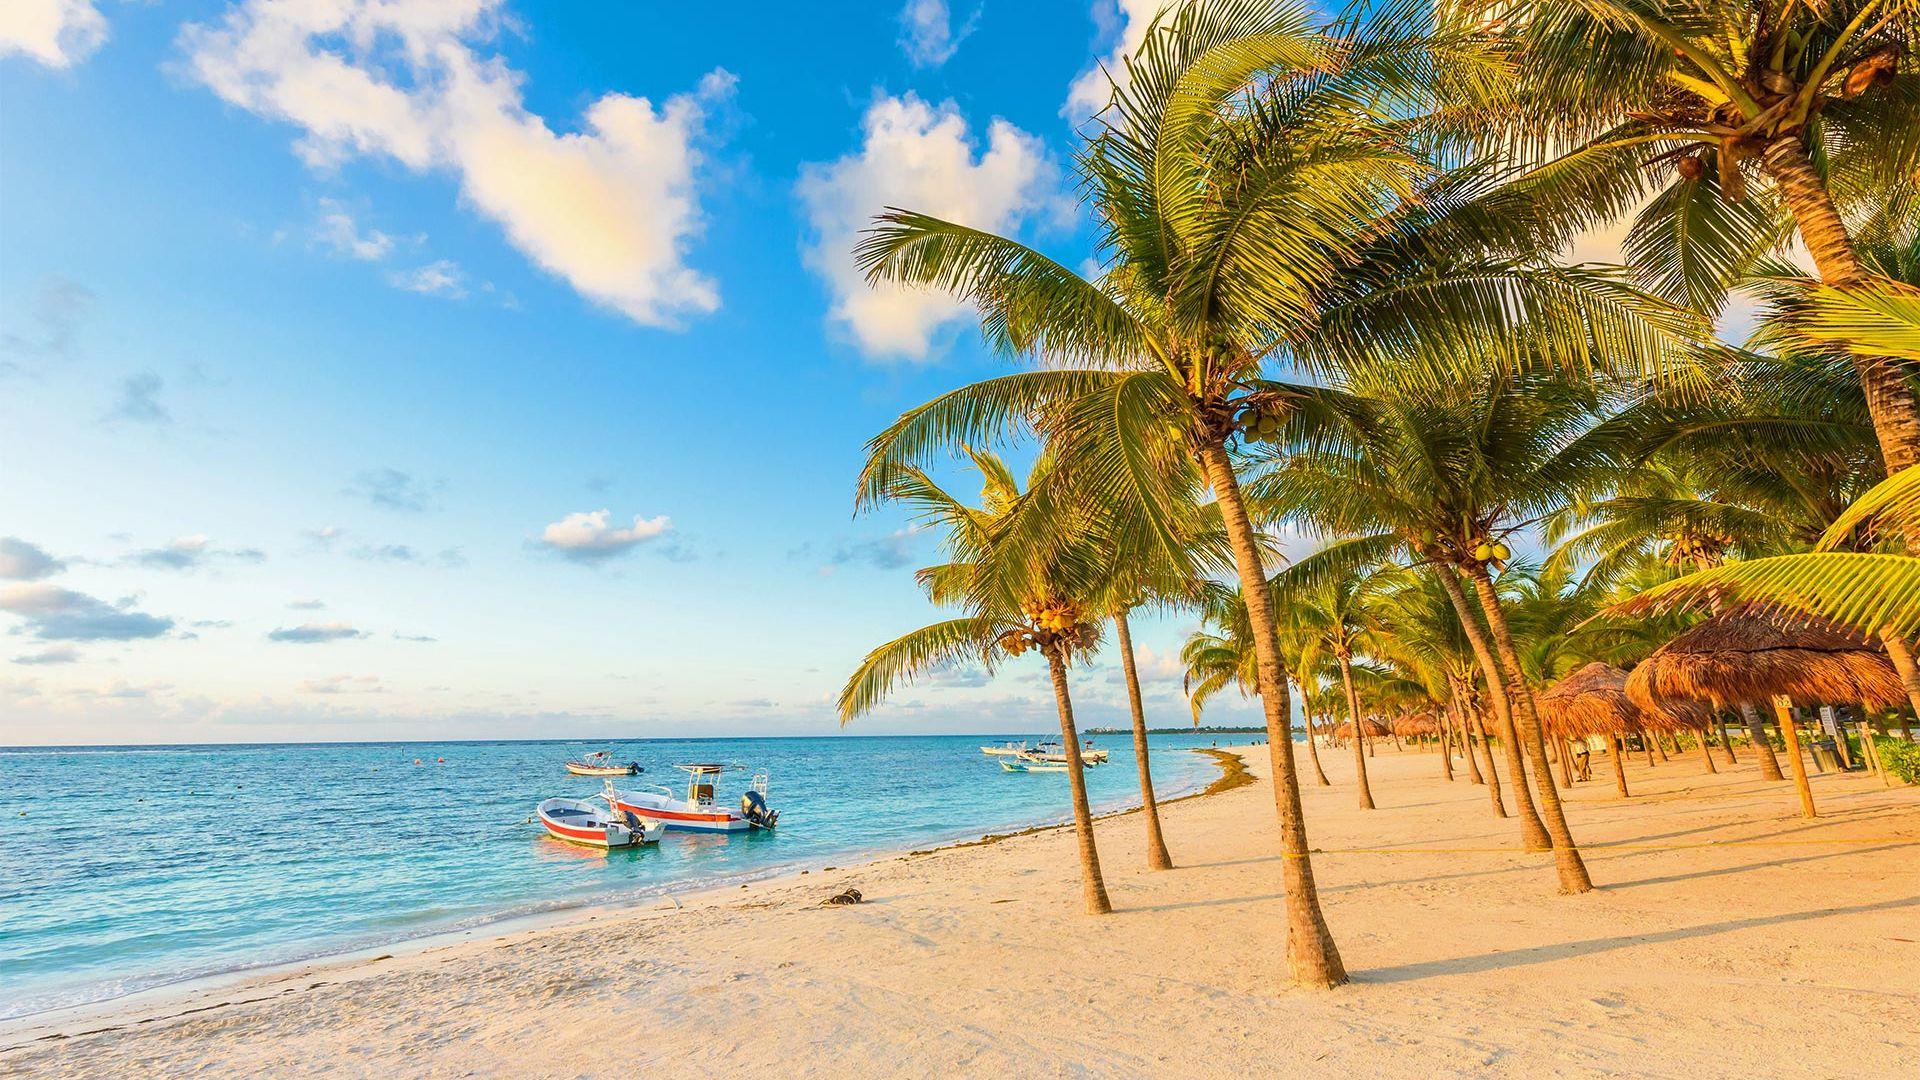 Revelion 2022 - Sejur plaja Riviera Maya, Mexic, 9 zile